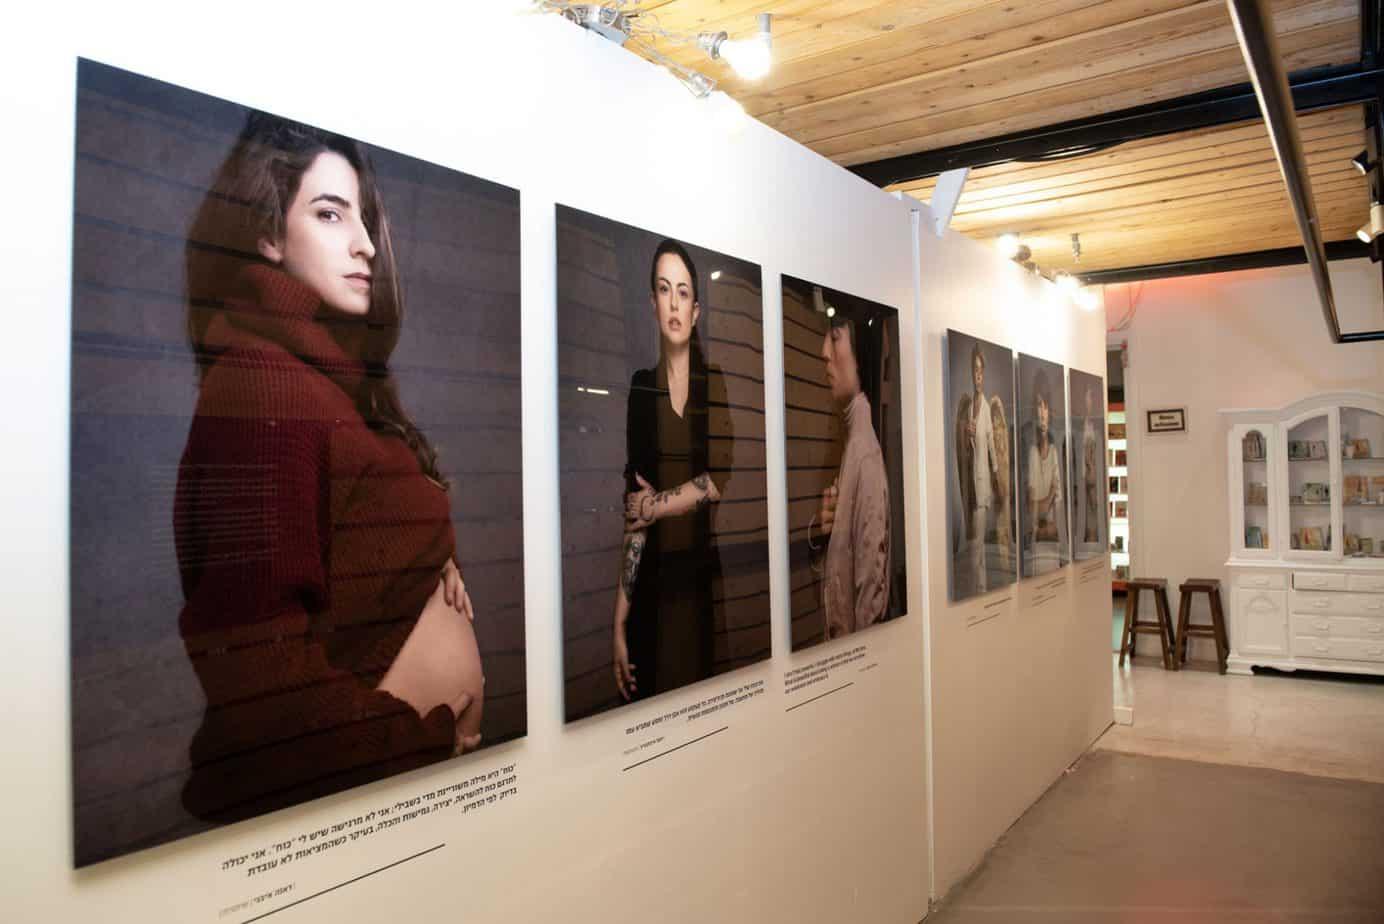 קום איל פו. תצוגת אופנה סתיו חורף 208-19. צילום: יניב לוי -852